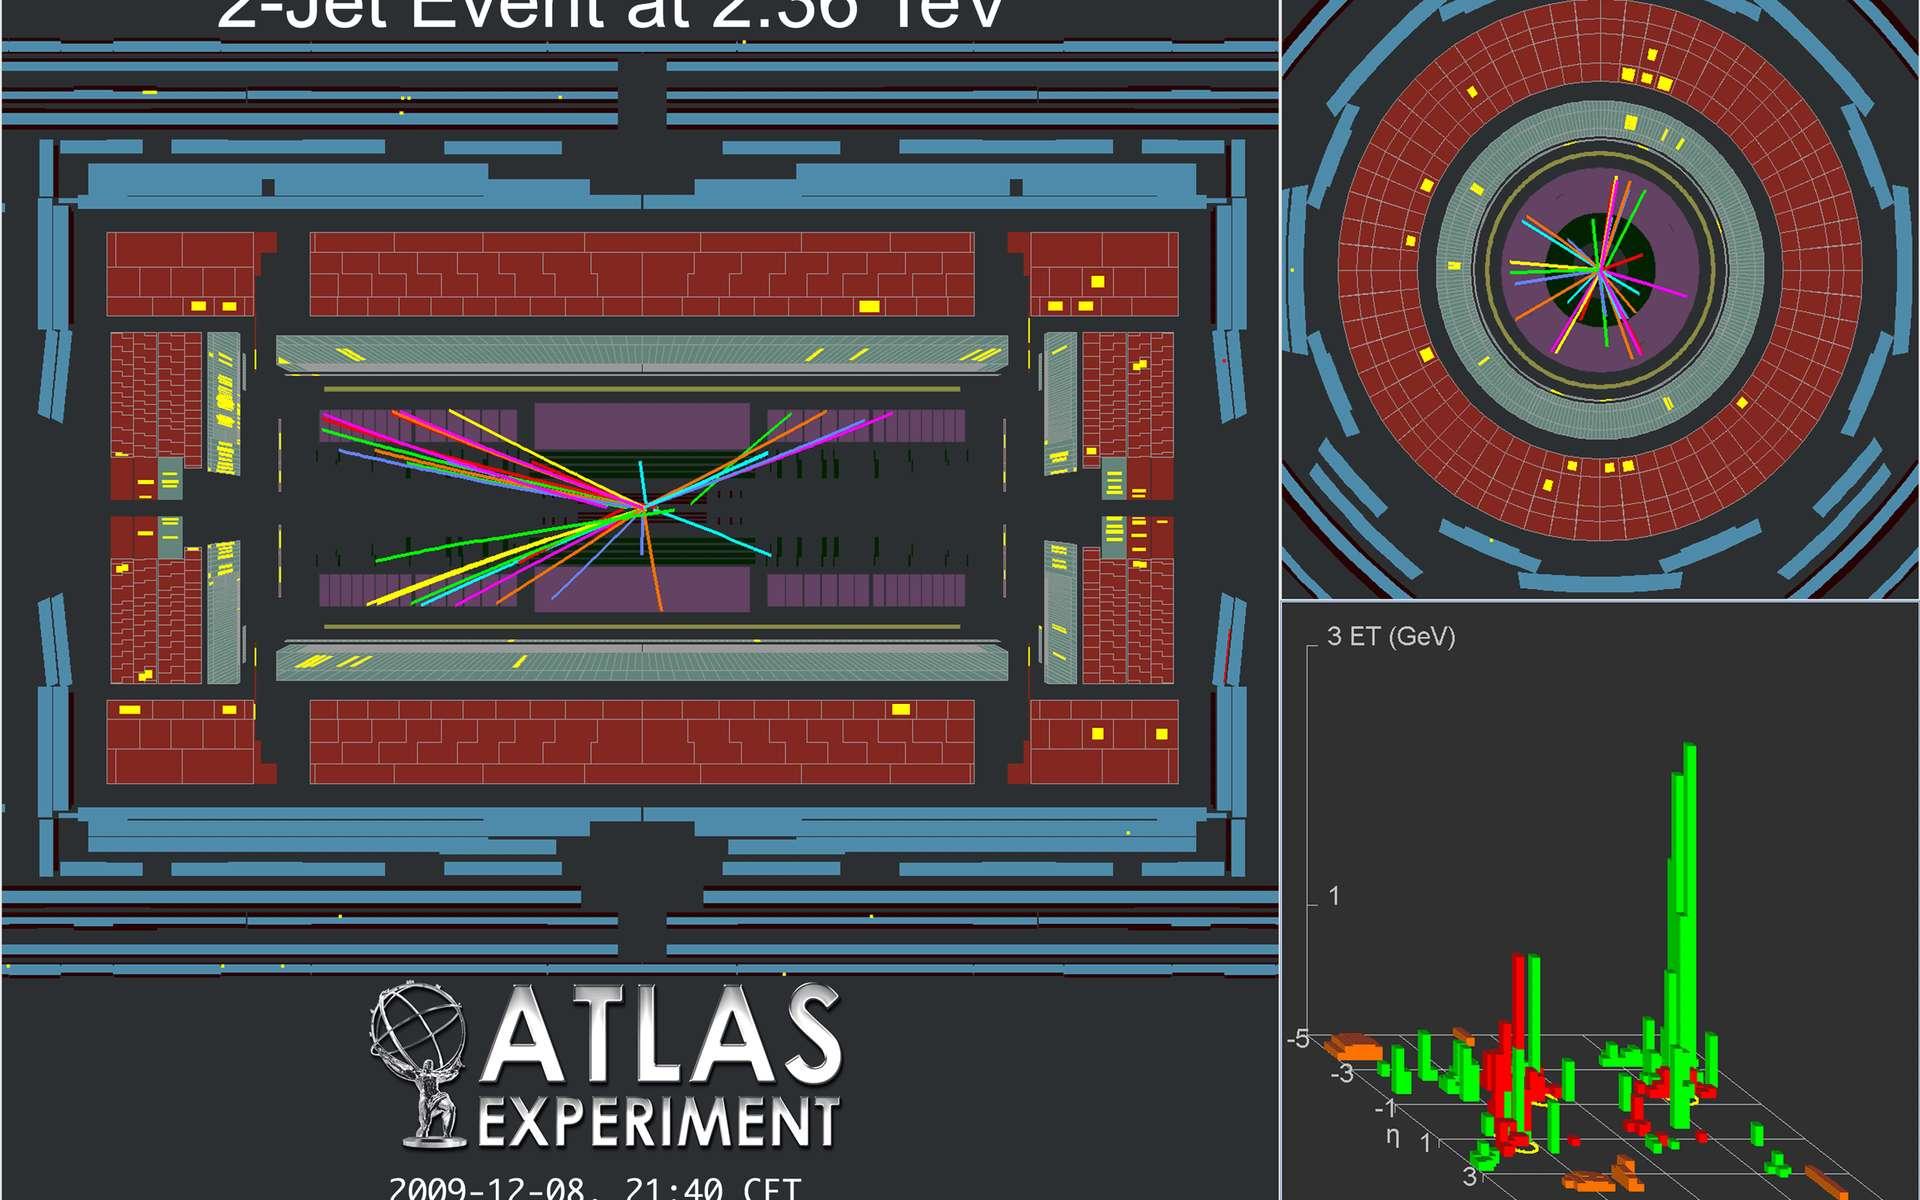 Les collisions du 8 décembre 2009 ont produit deux jets hadroniques dans le détecteur Atlas. On les voit clairement dans l'histogramme des énergies déposées dans les éléments du détecteur en bas à droite. Crédit : Cern